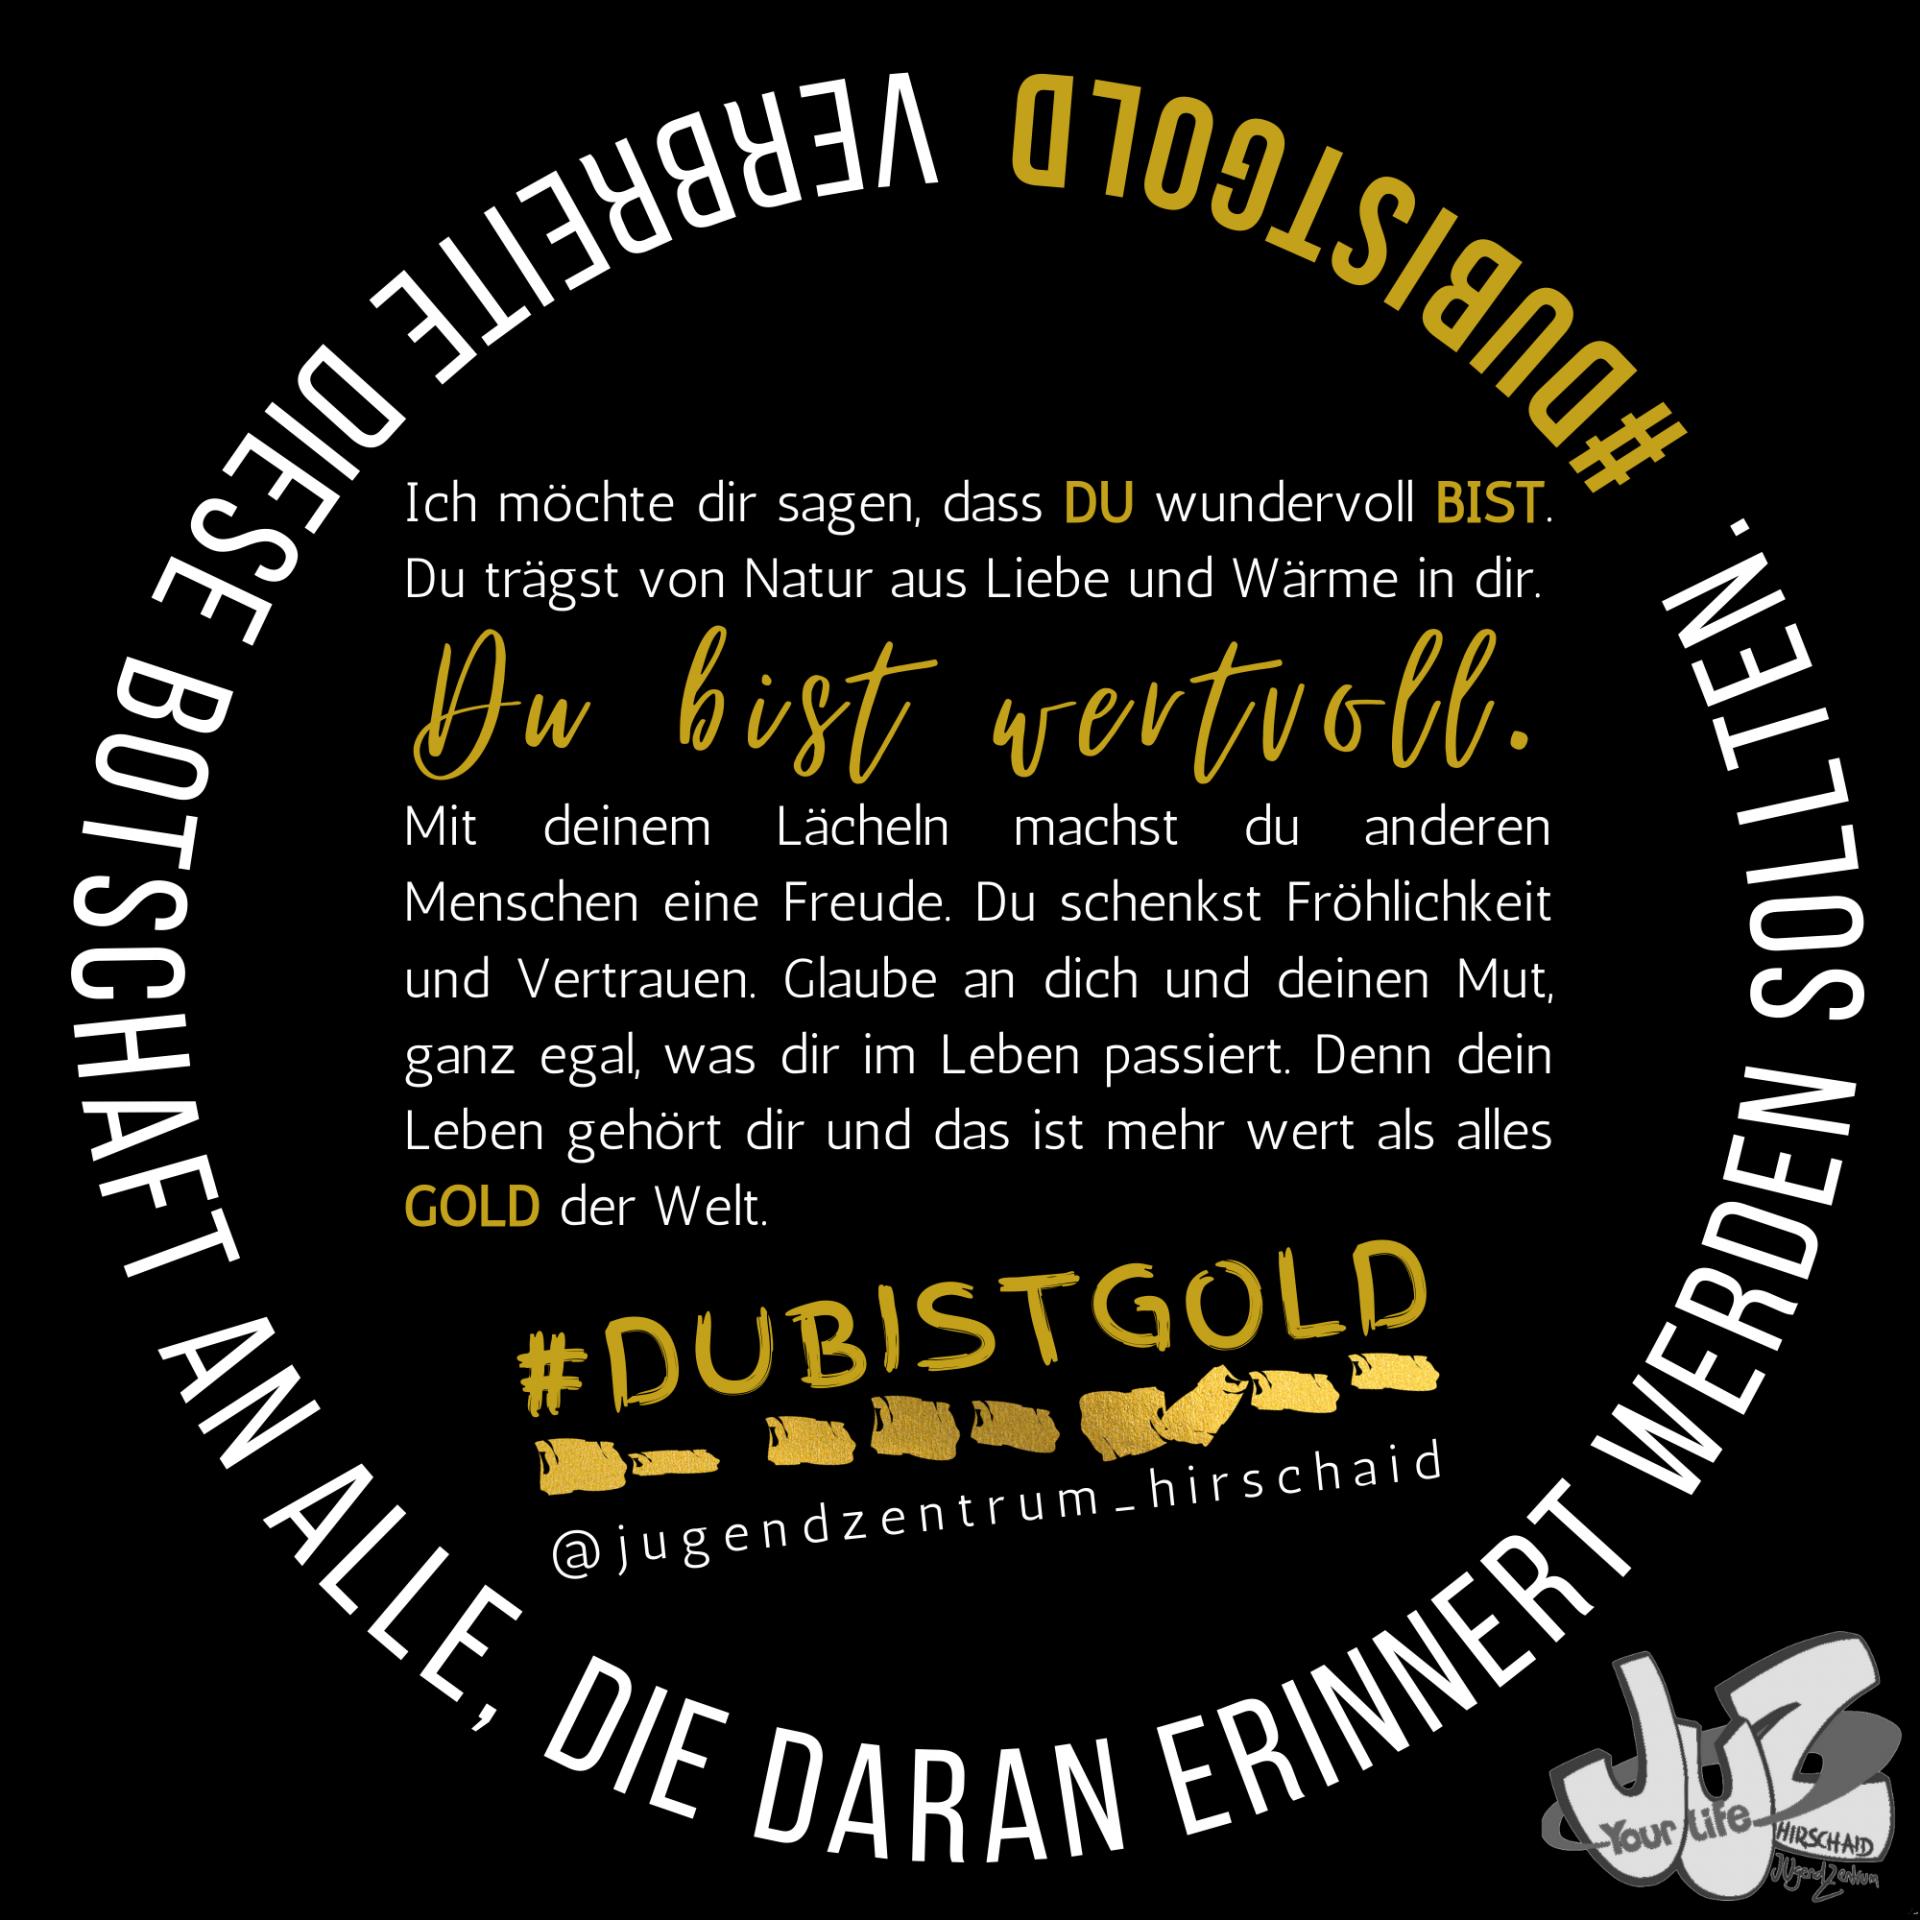 DUBISTGOLD